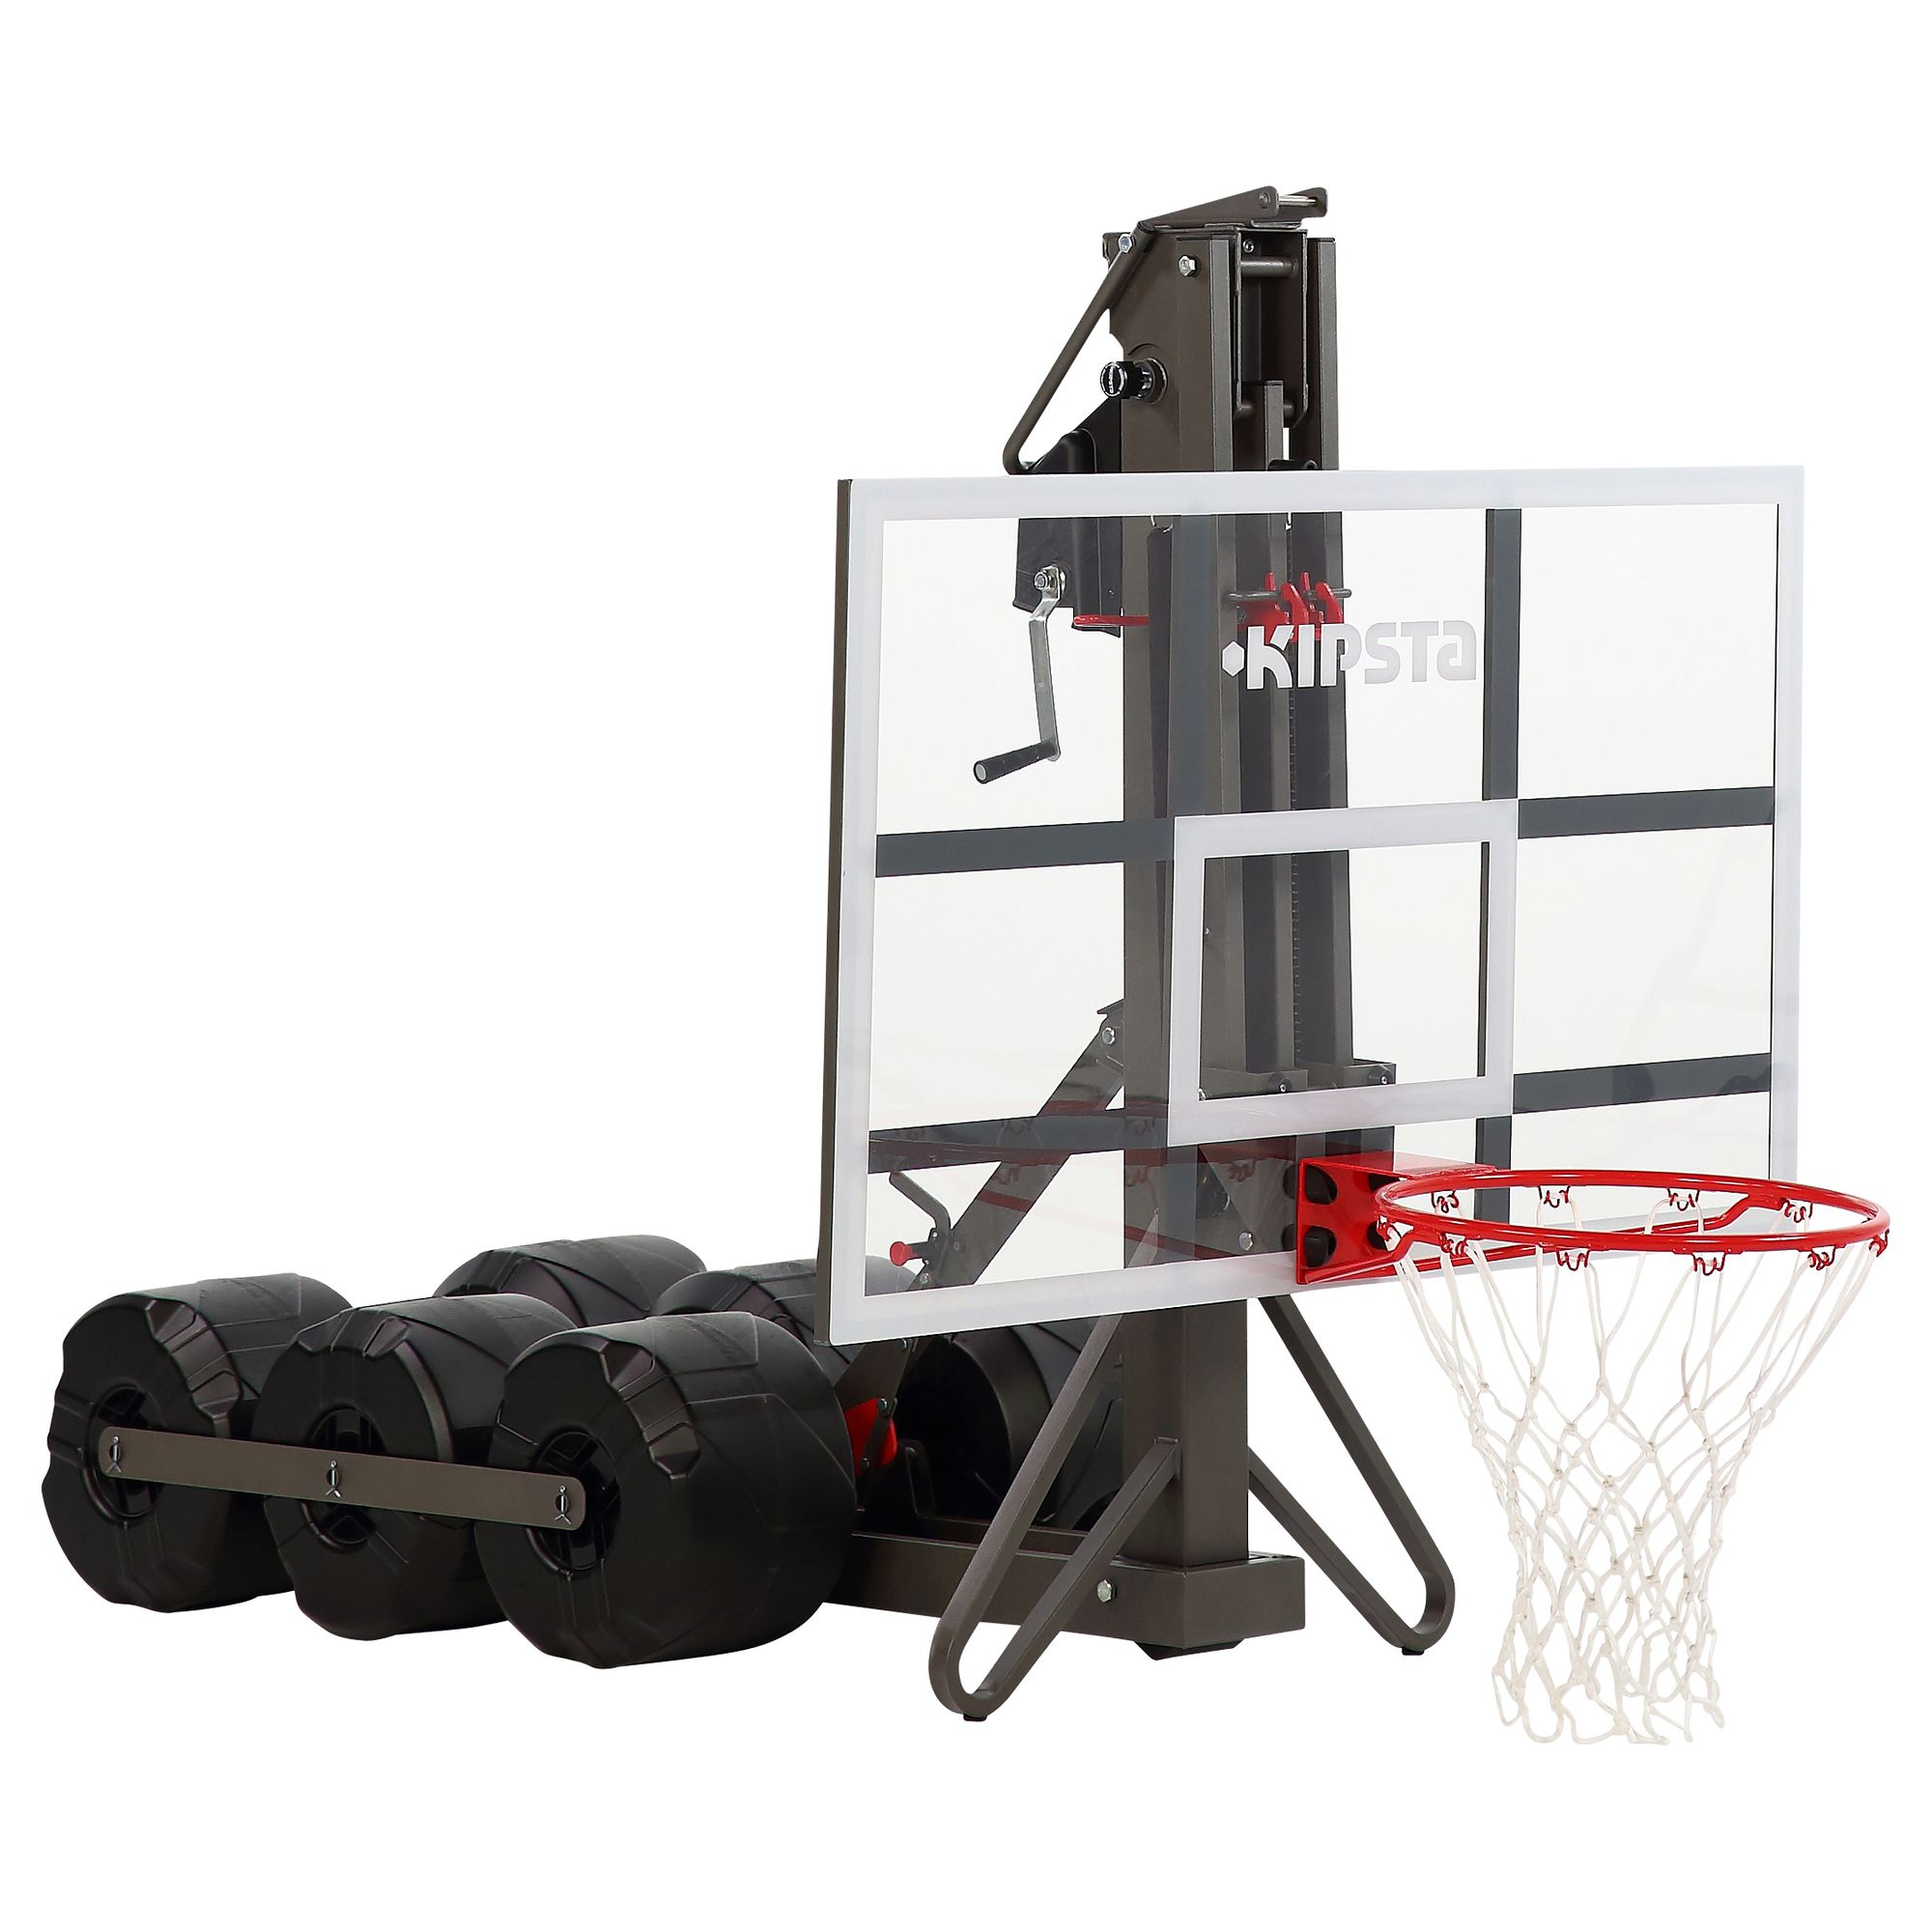 Panier de basket enfant adulte b900 2 40m 3 05m se r gle et se range en 2mn clubs - Decathlon panier basket ...